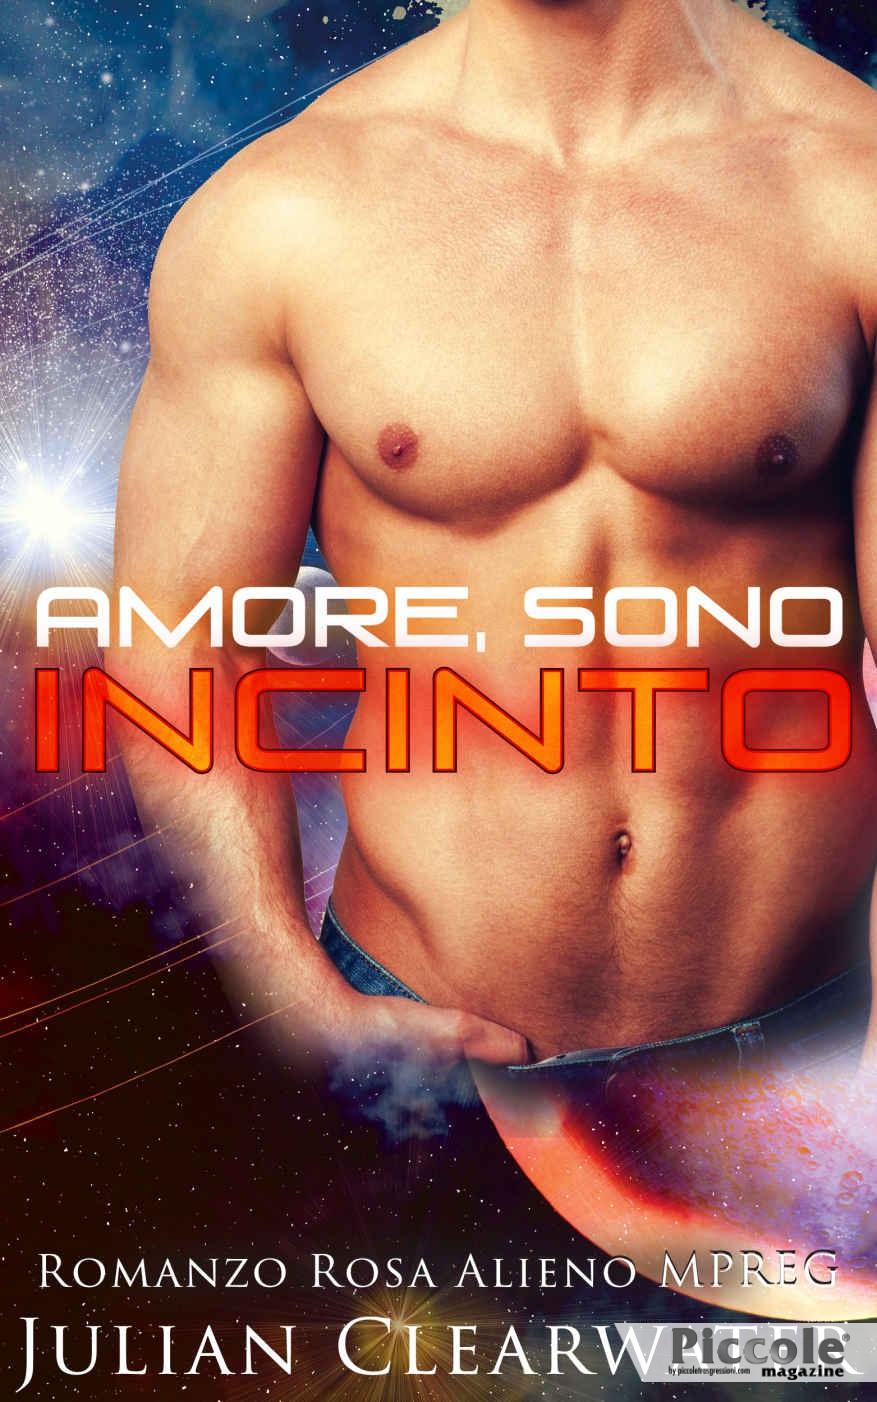 Foto copertina del libro Romanzo Rosa Alieno Amore sono incinto di Julian Clearwater